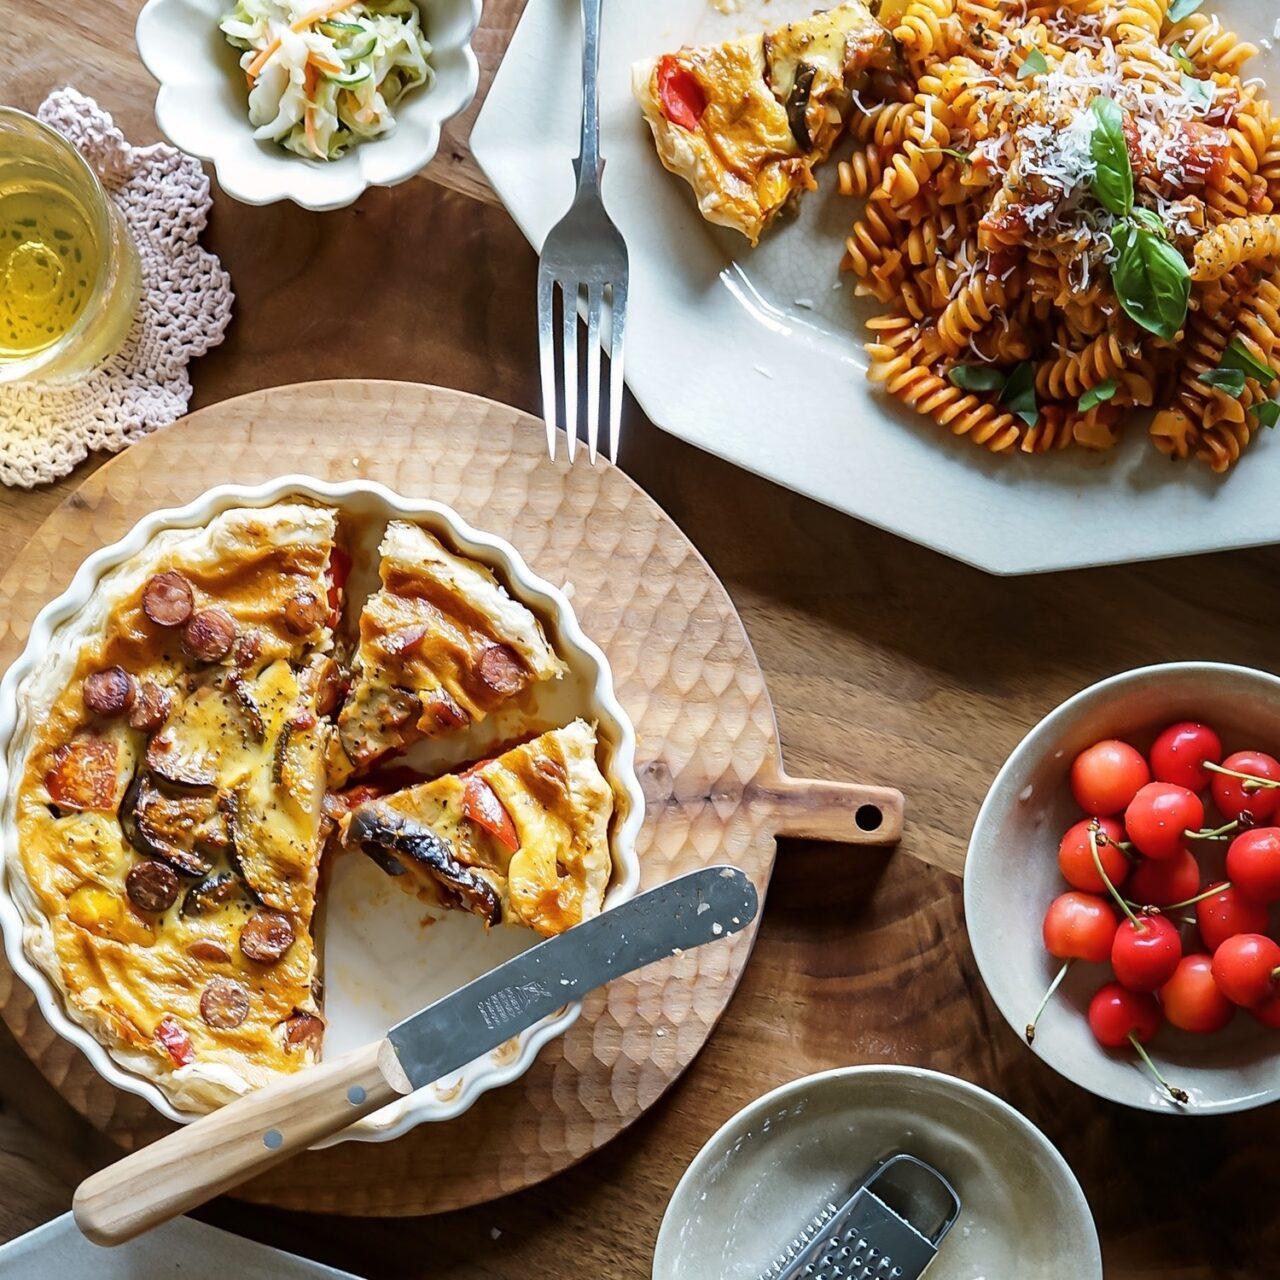 普段よりプチ贅沢な食事を楽しみたい。食卓を華やかにしてくれるお洒落なレシピ13品